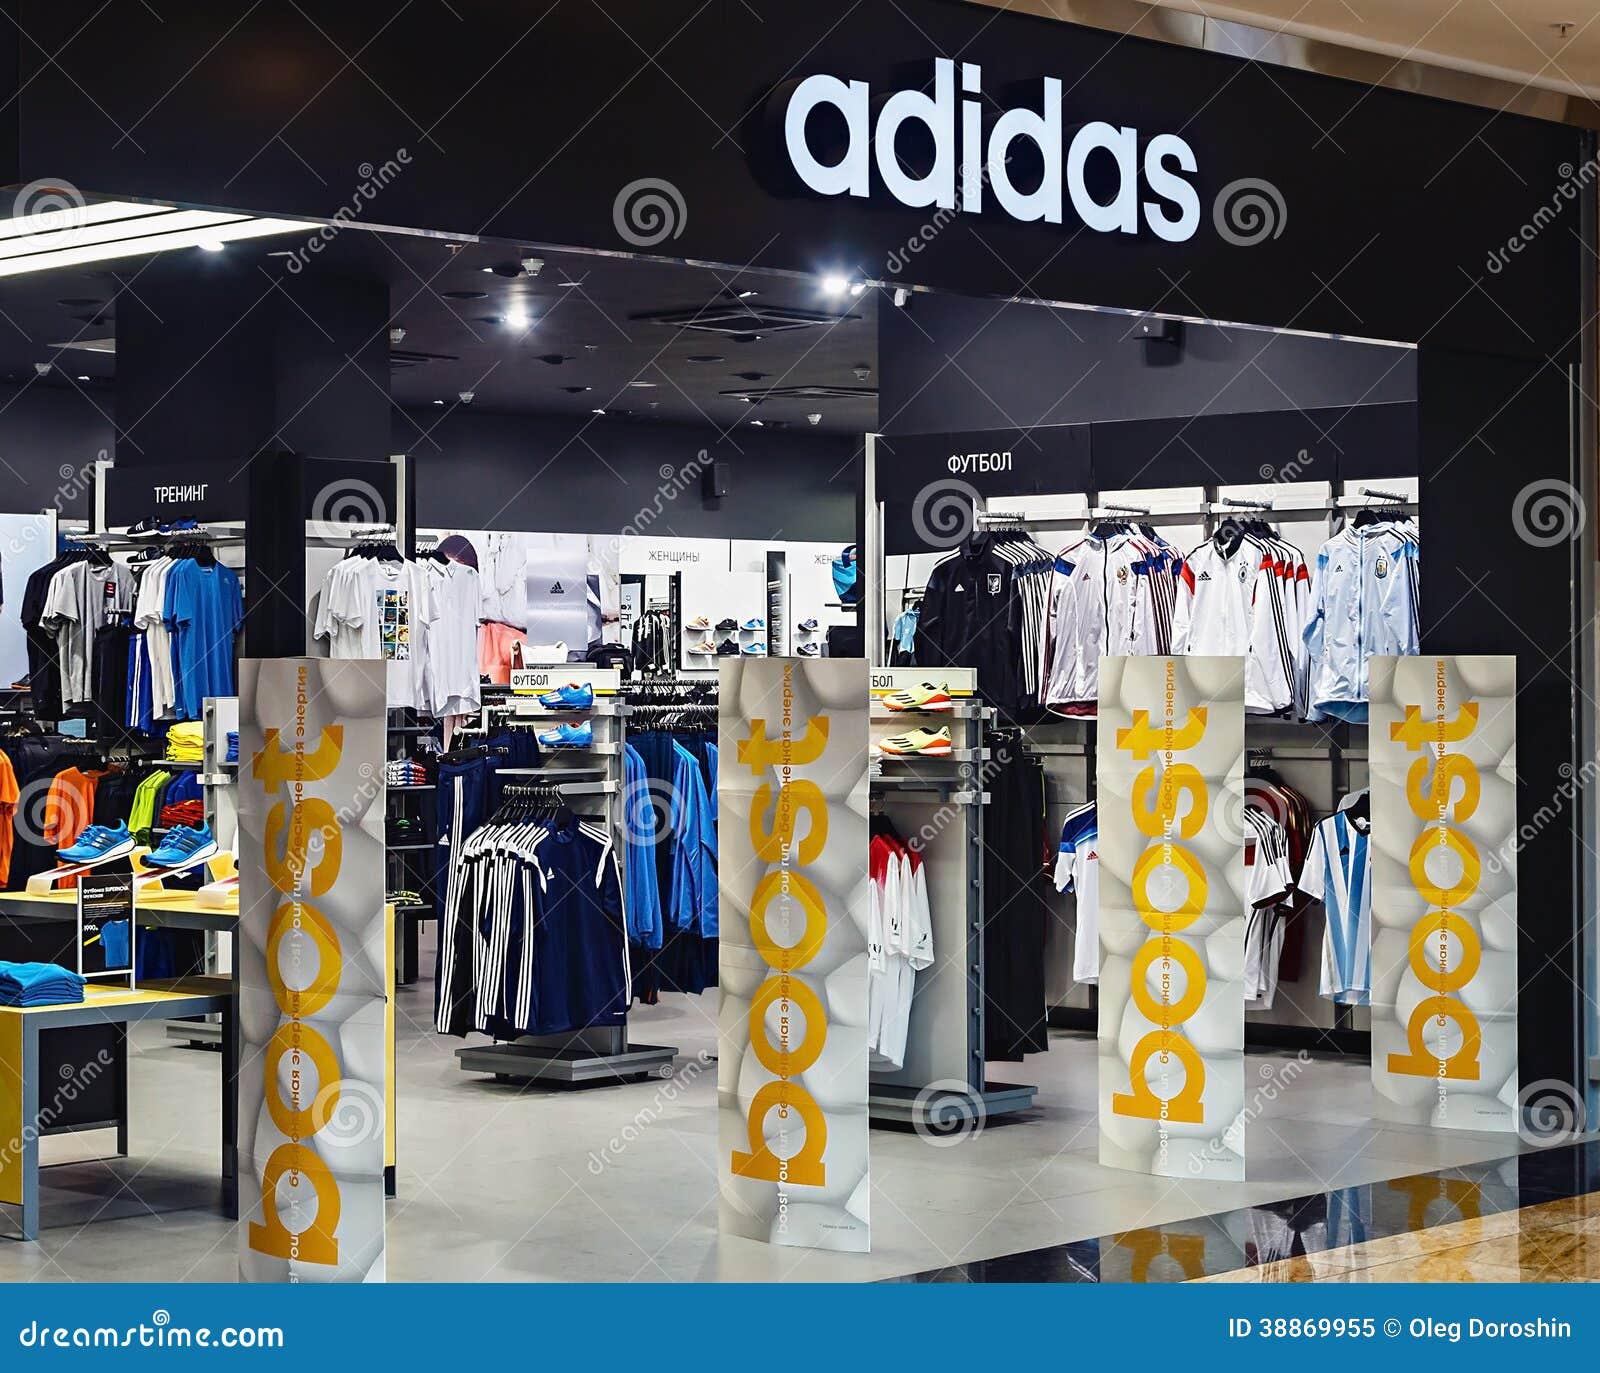 9670d45aa0 LA RUSSIE, MOSCOU - 10 MARS 2014 : Magasin de vêtements de sport d'Adidas.  Adidas AG est une société multinationale allemande qui conçoit et fabrique  des ...